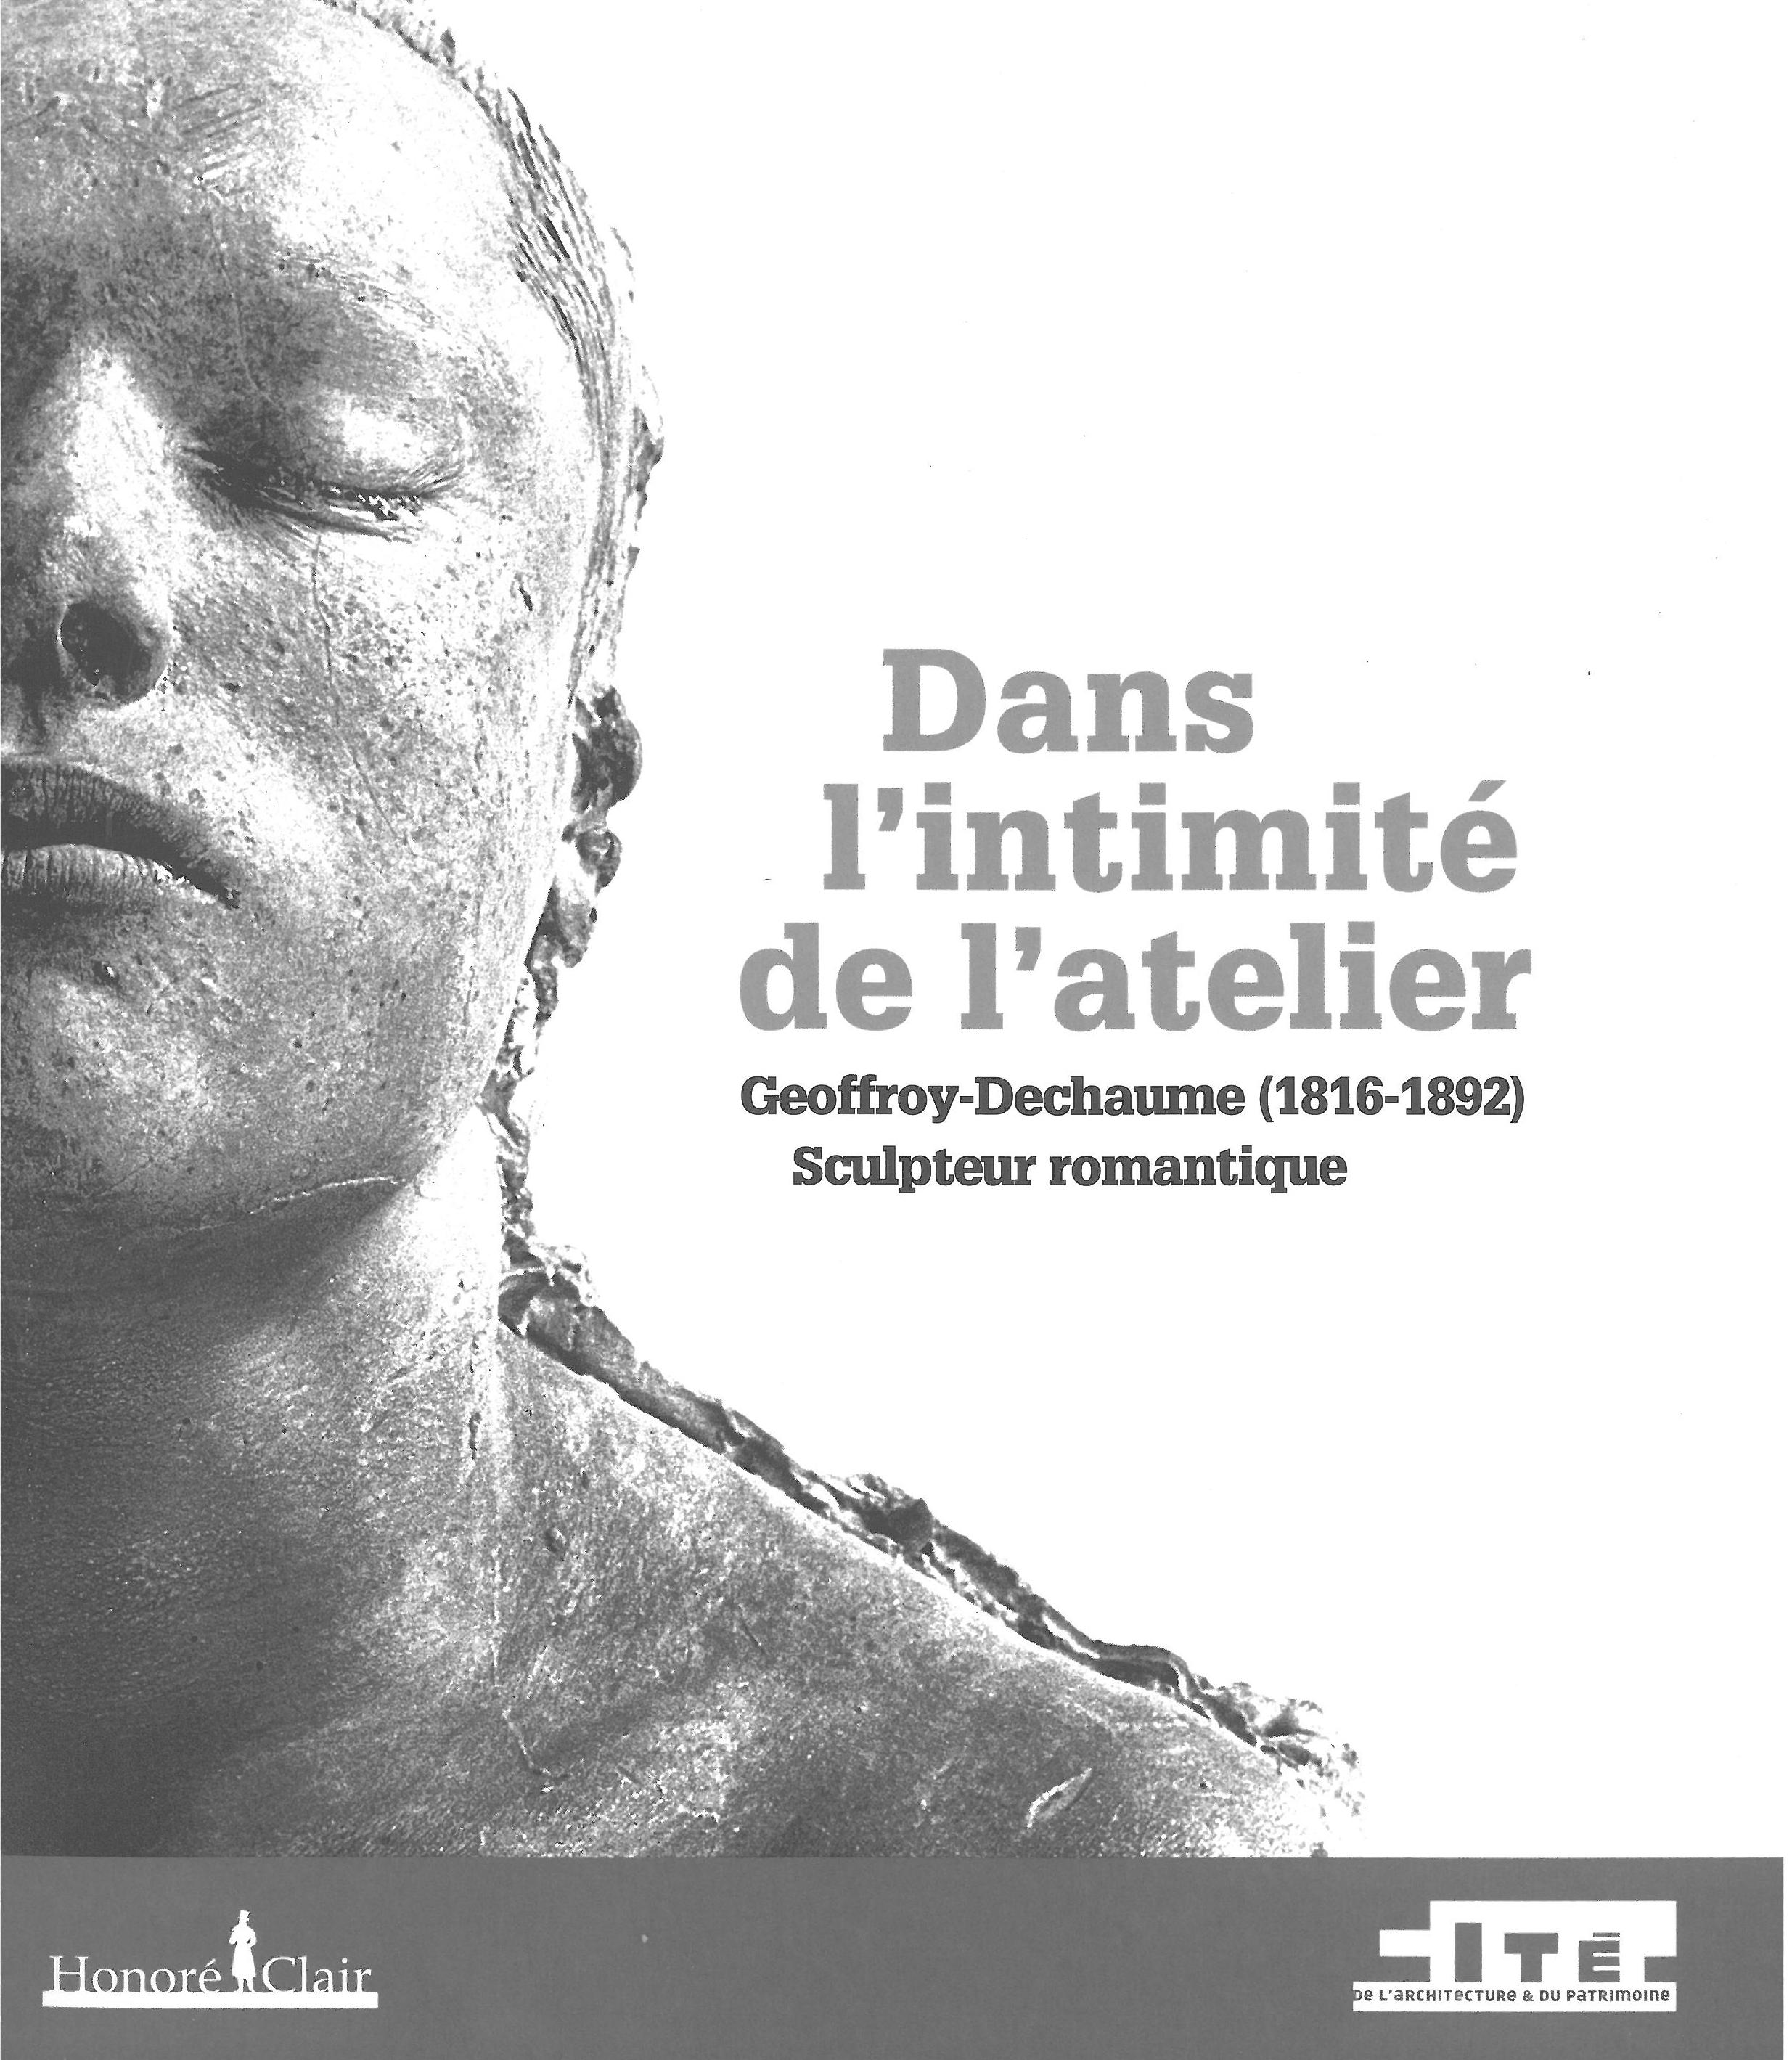 DANS L'INTIMITE DE L'ATELIER - GEOFFROY-DECHAUME